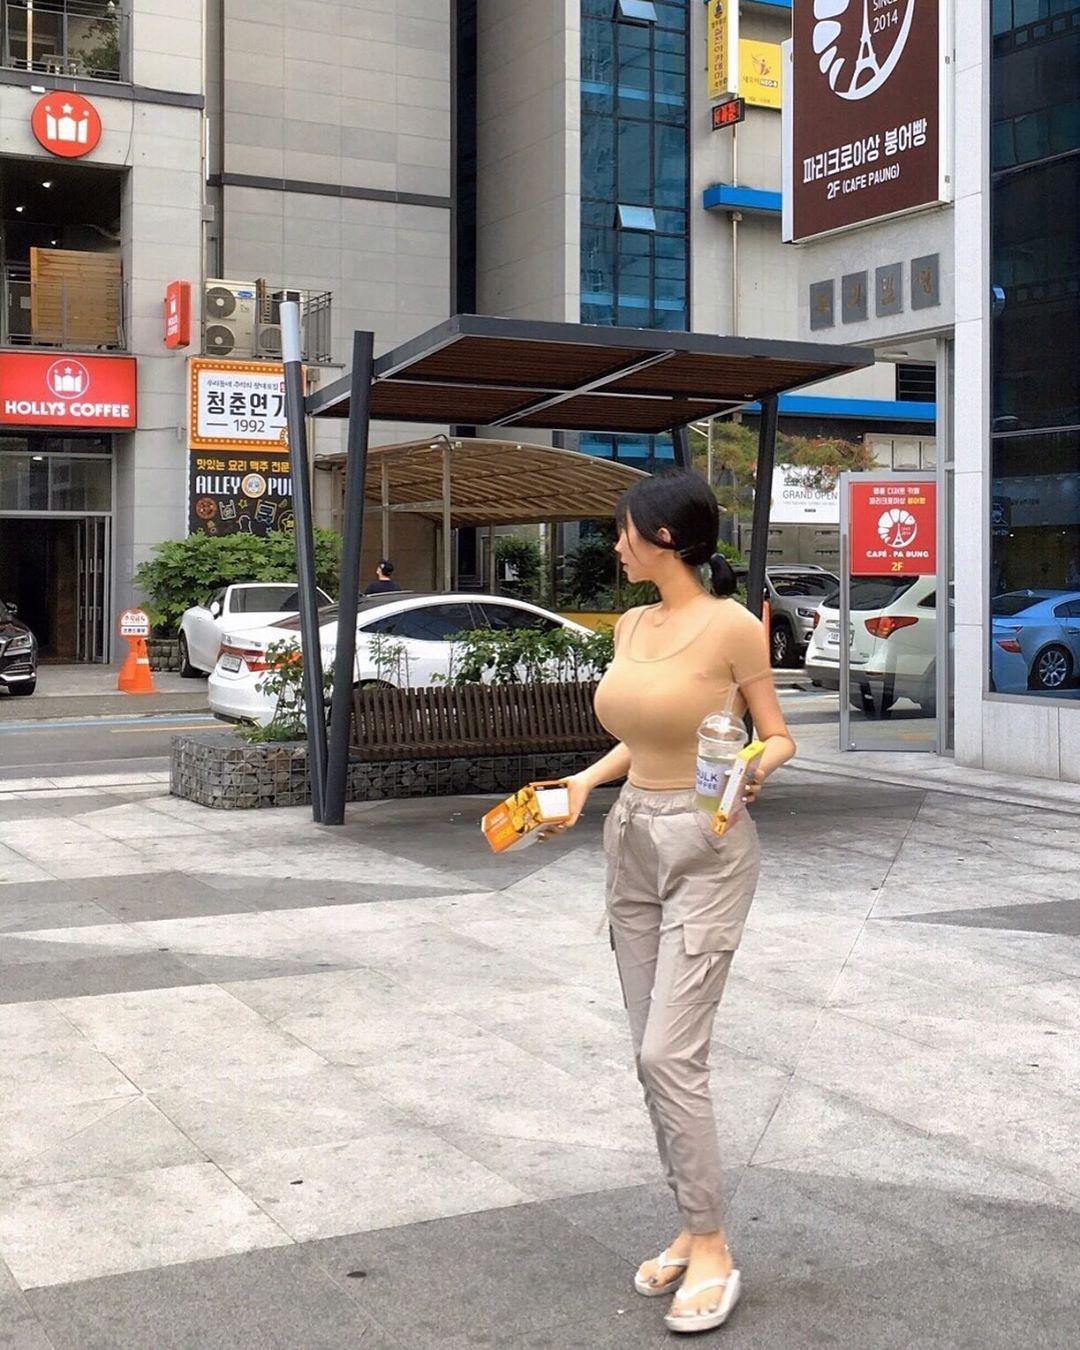 素人の街撮り爆乳おっぱい画像貼ってこうぜぇーwwwwwwwwwwwww TT6g3vt